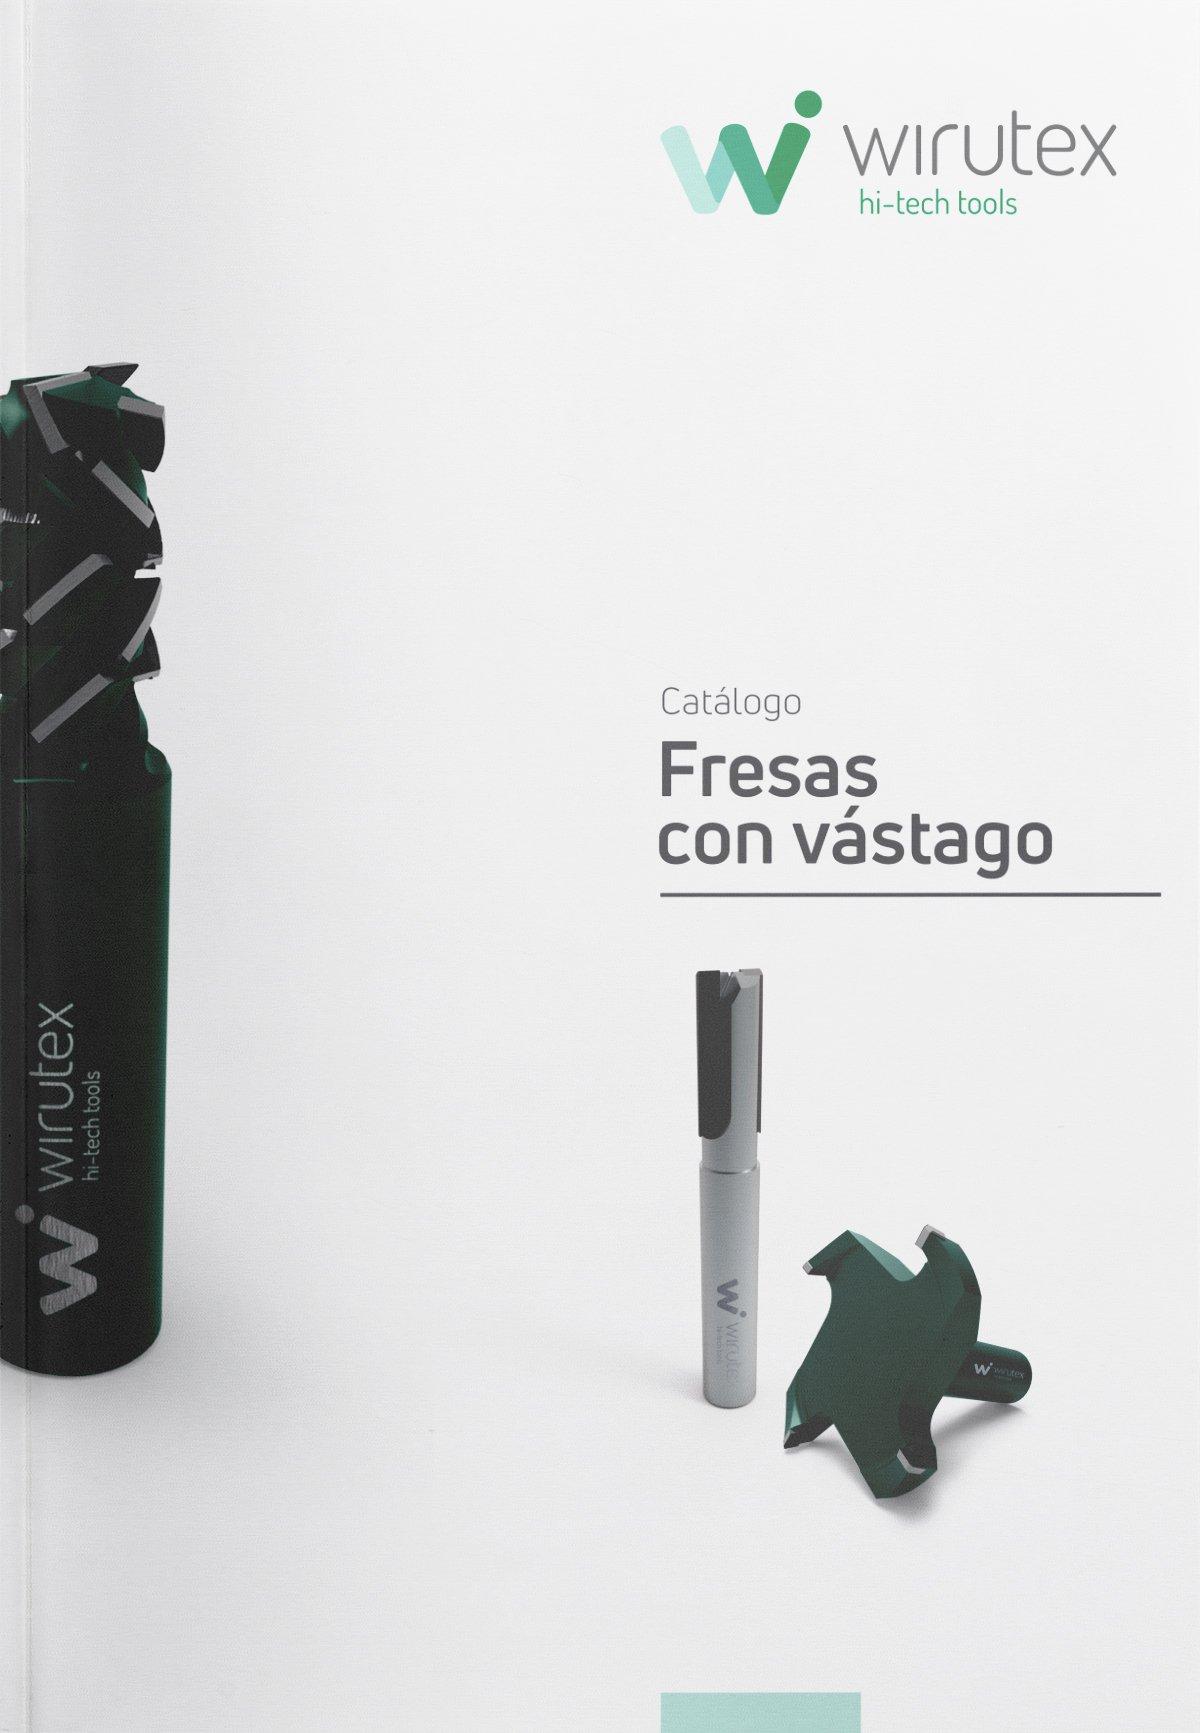 Wirutex-Fresas-con-vástago_mag20_SPA